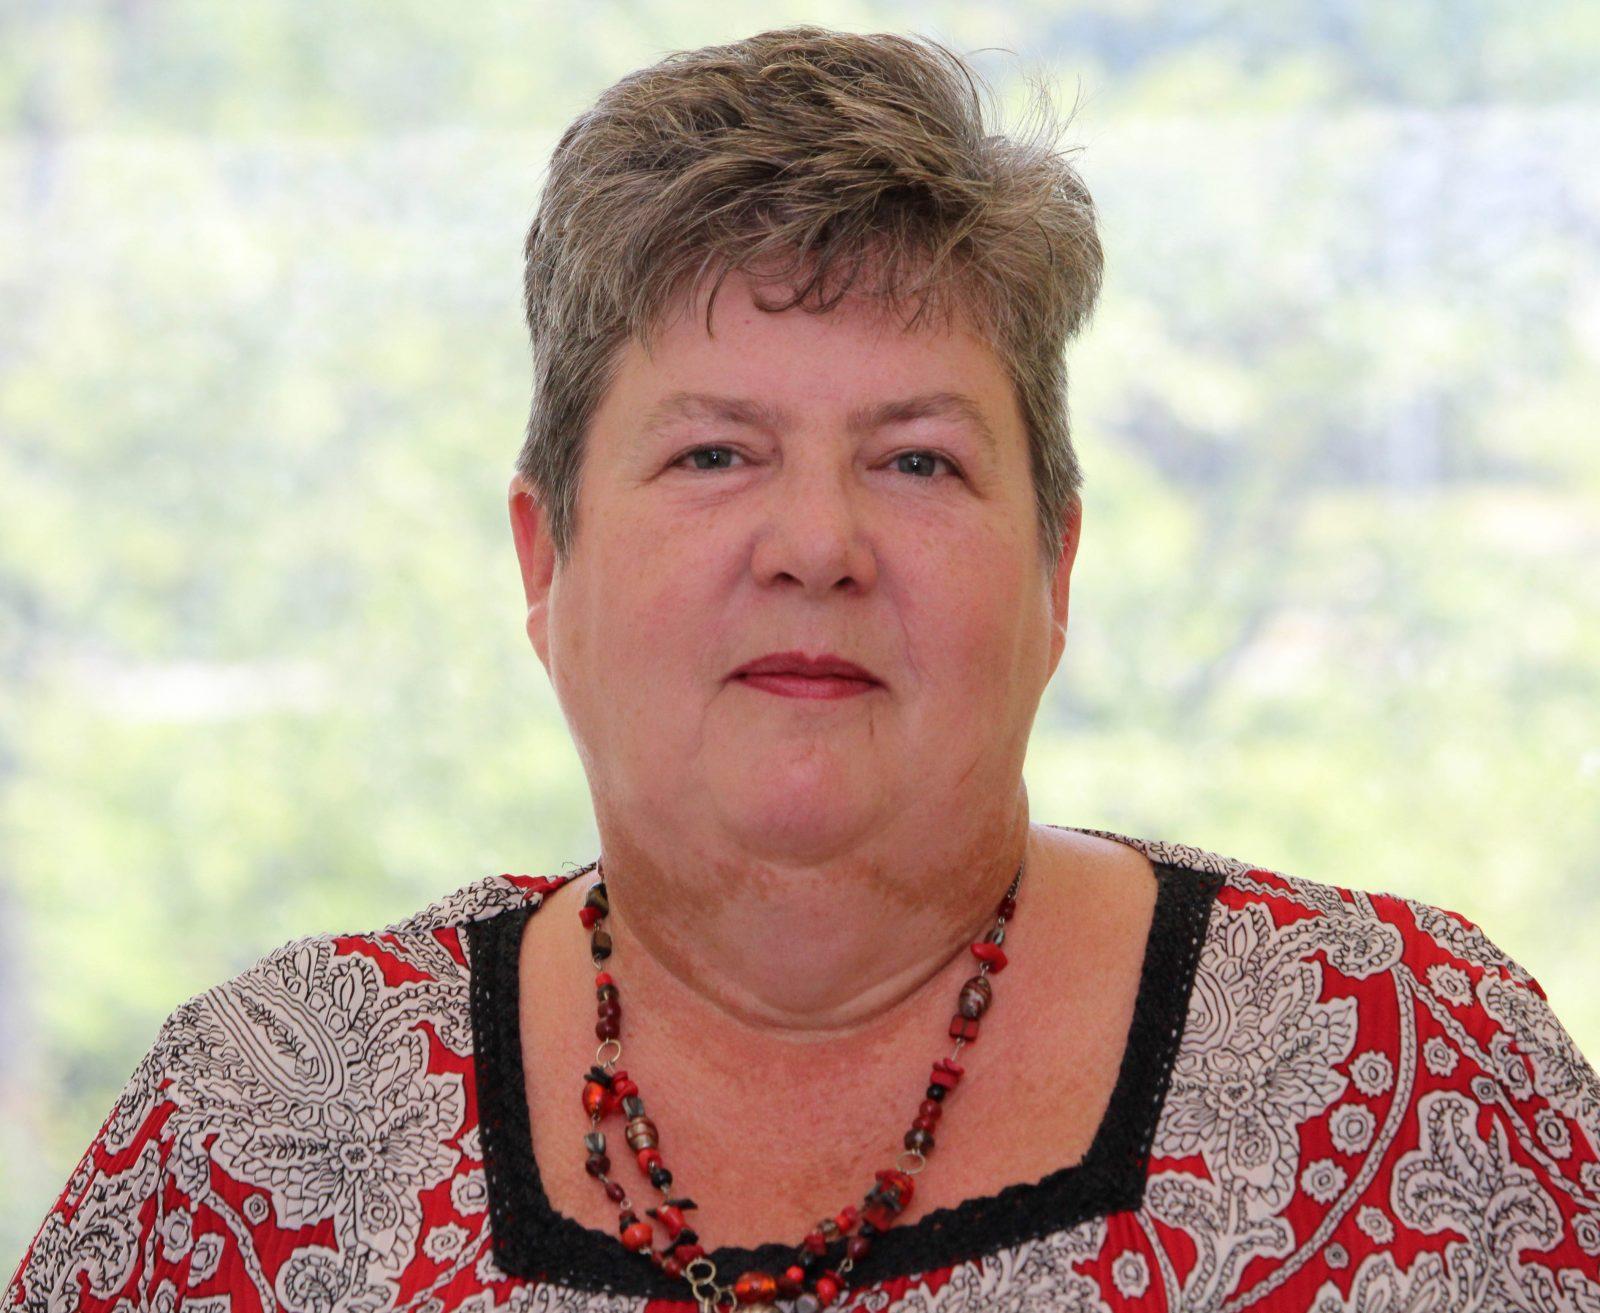 Nicola Simmons